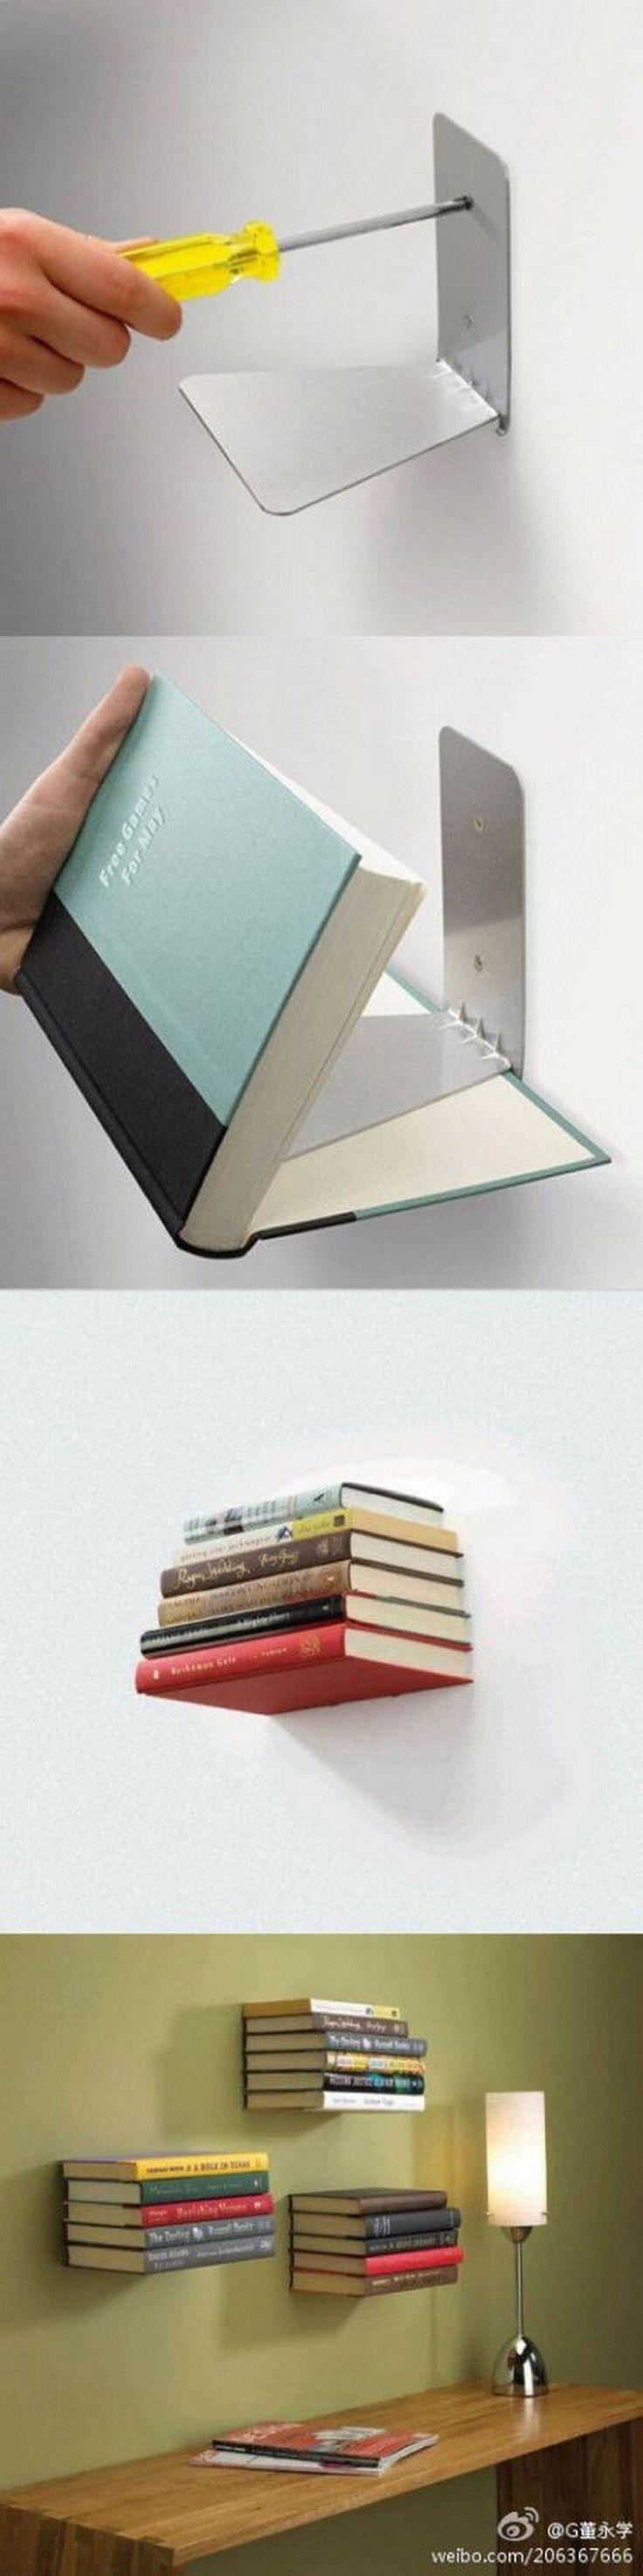 Best 25 Minimalist Bookshelves Ideas On Pinterest Inside Bookshelves (#7 of 15)